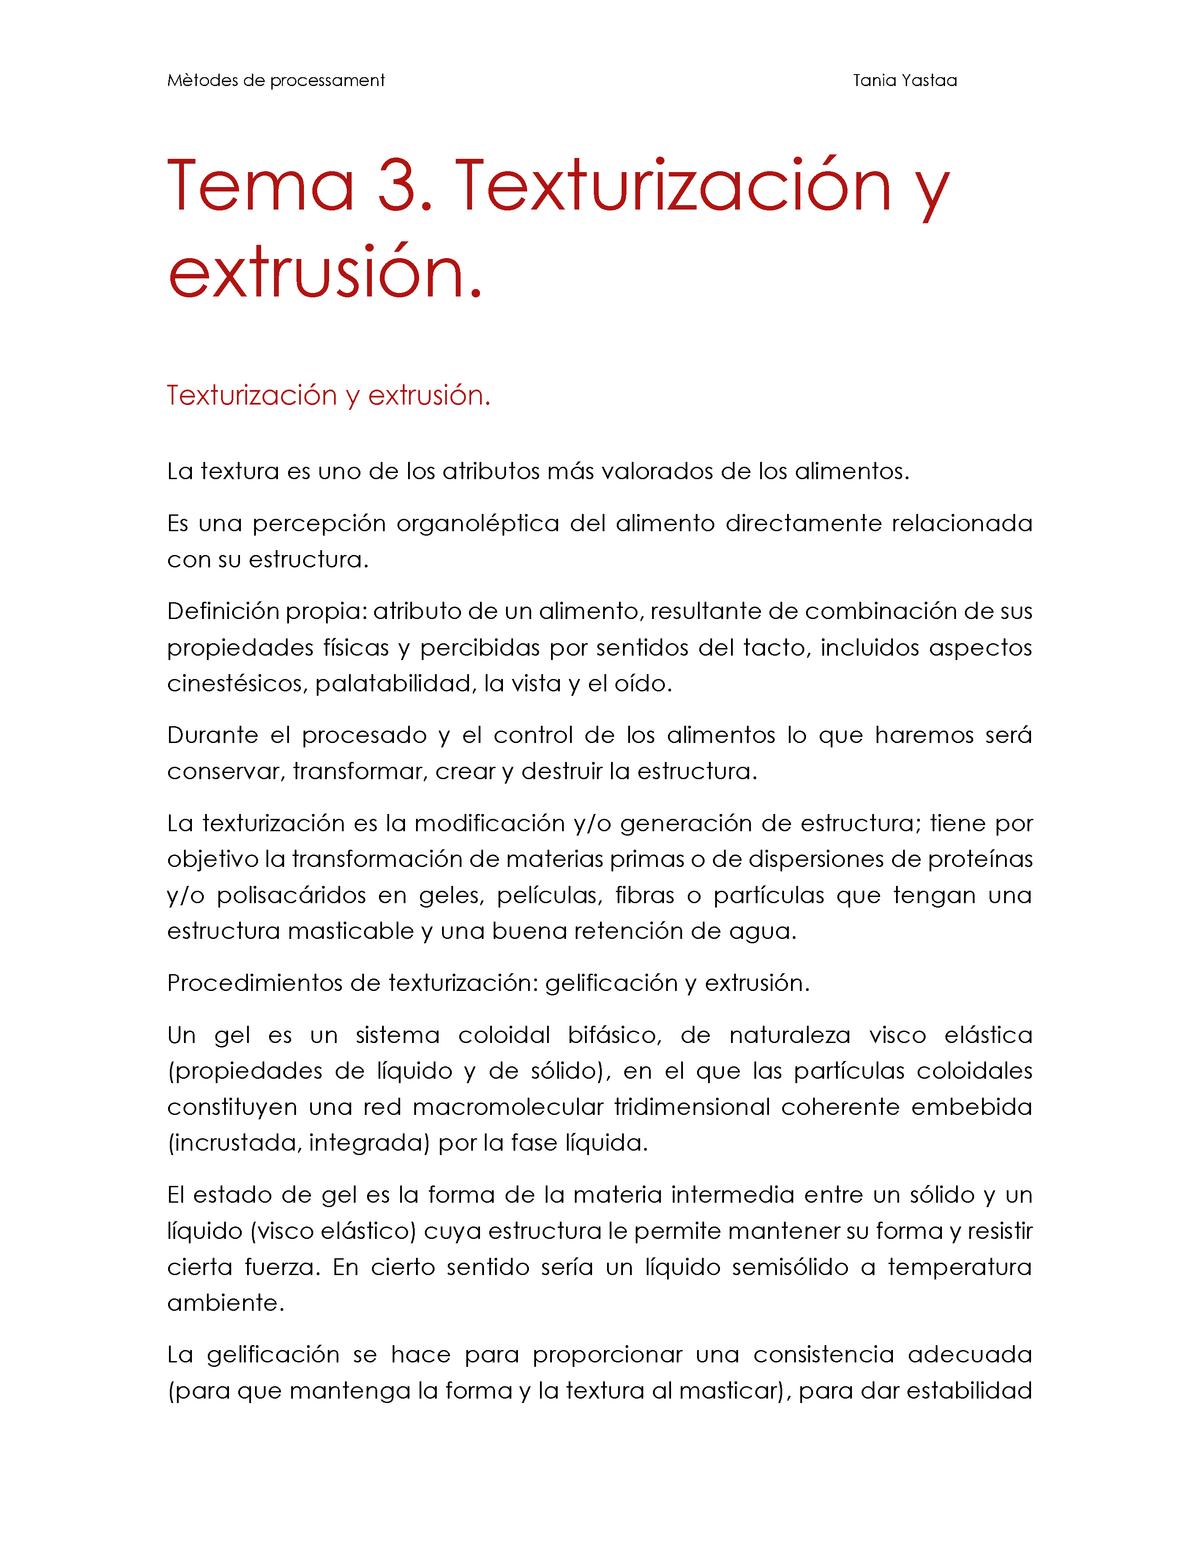 BLOC 1  Tema 3  Texturización y extrusión - Mètodes de